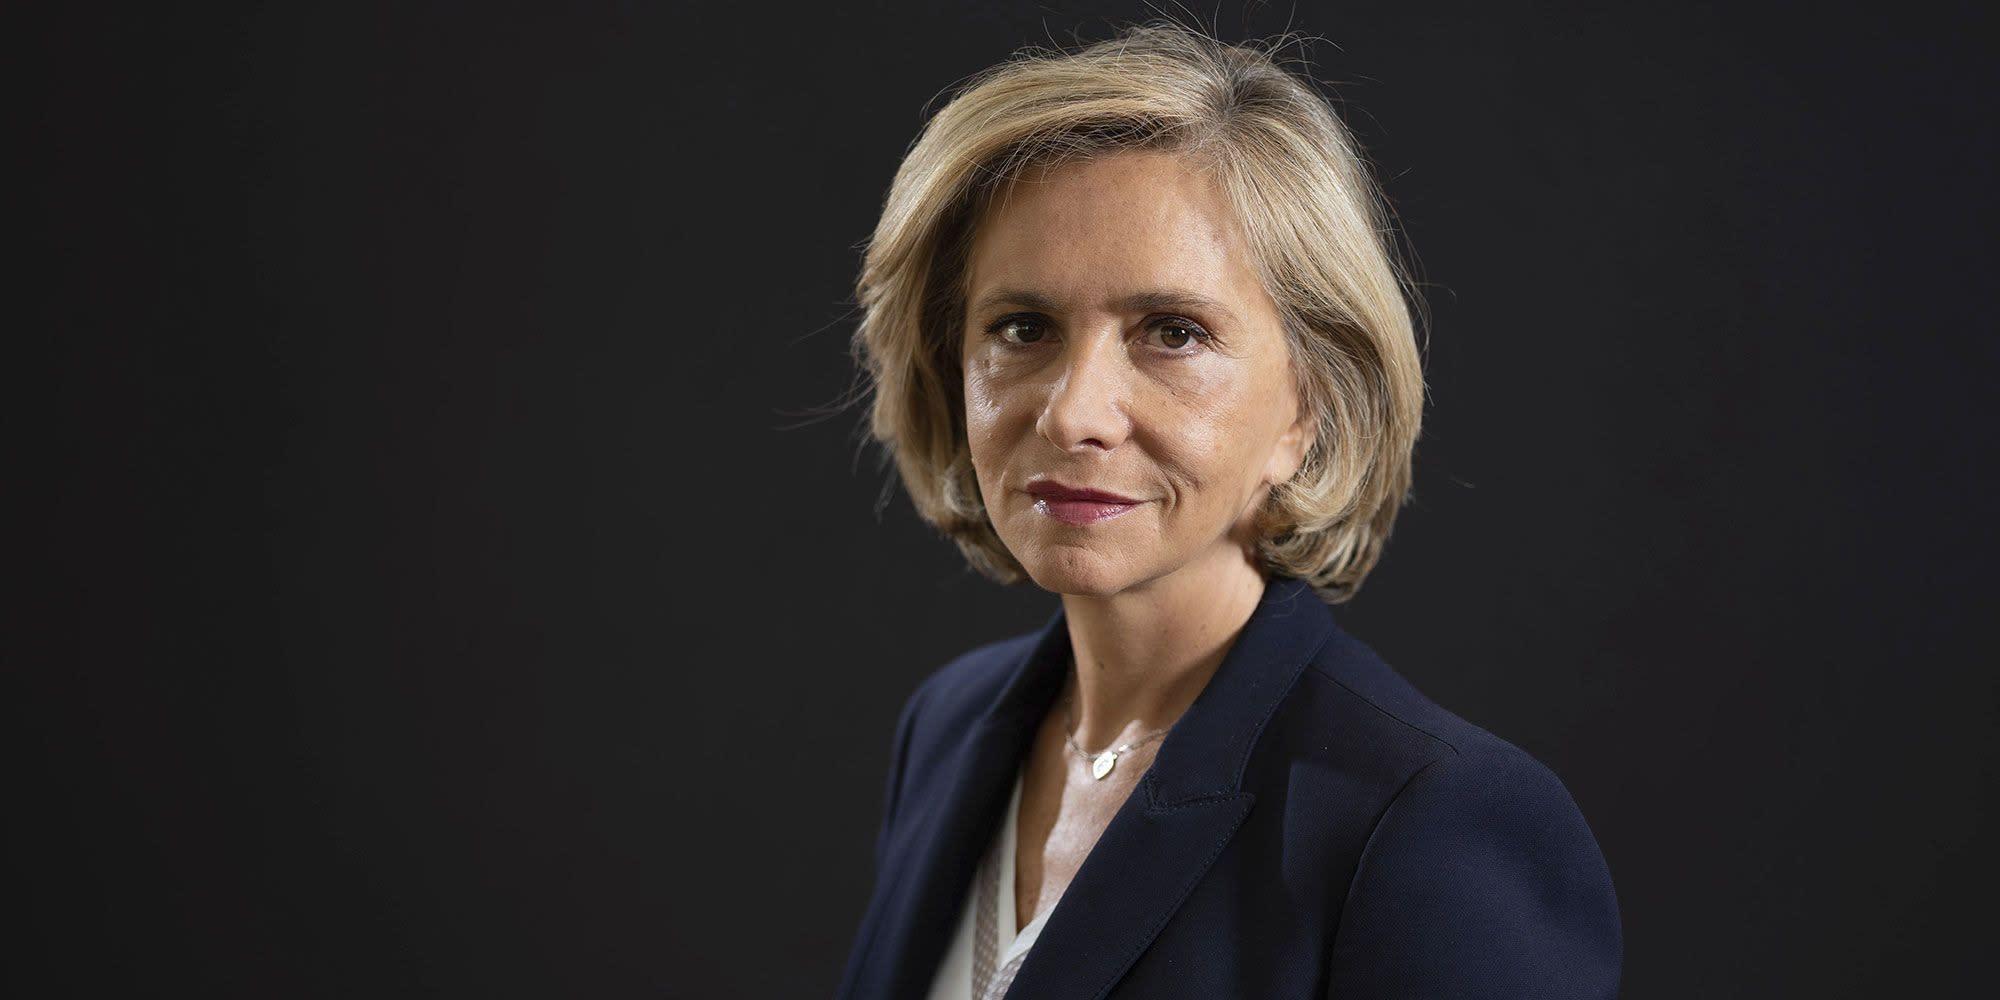 Candidature de Valérie Pécresse : qu'en pensent les militants sur le terrain ?